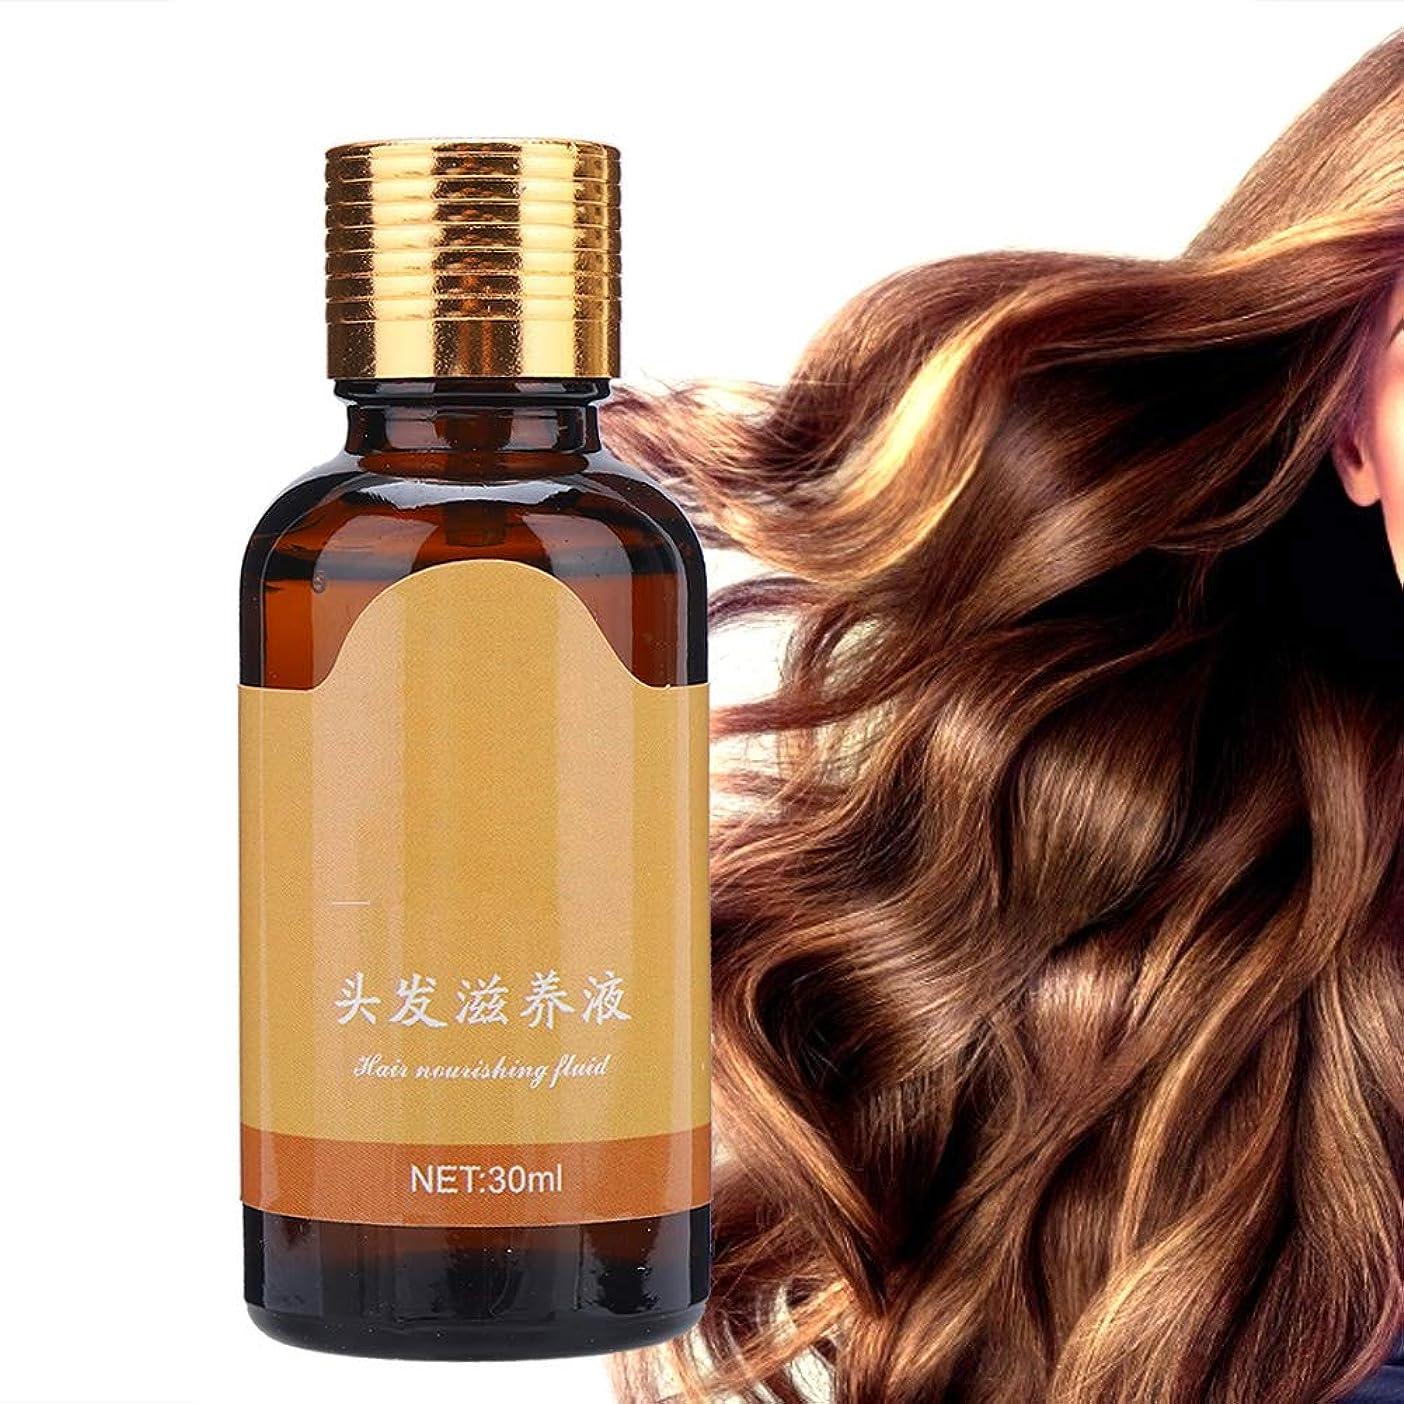 ティーンエイジャーお気に入り注釈髪に栄養を与えるリキッド、アンチ脱毛エッセンス髪に栄養を与える速い成長エッセンス脱毛トリートメントオイルコントロールリキッド30ml